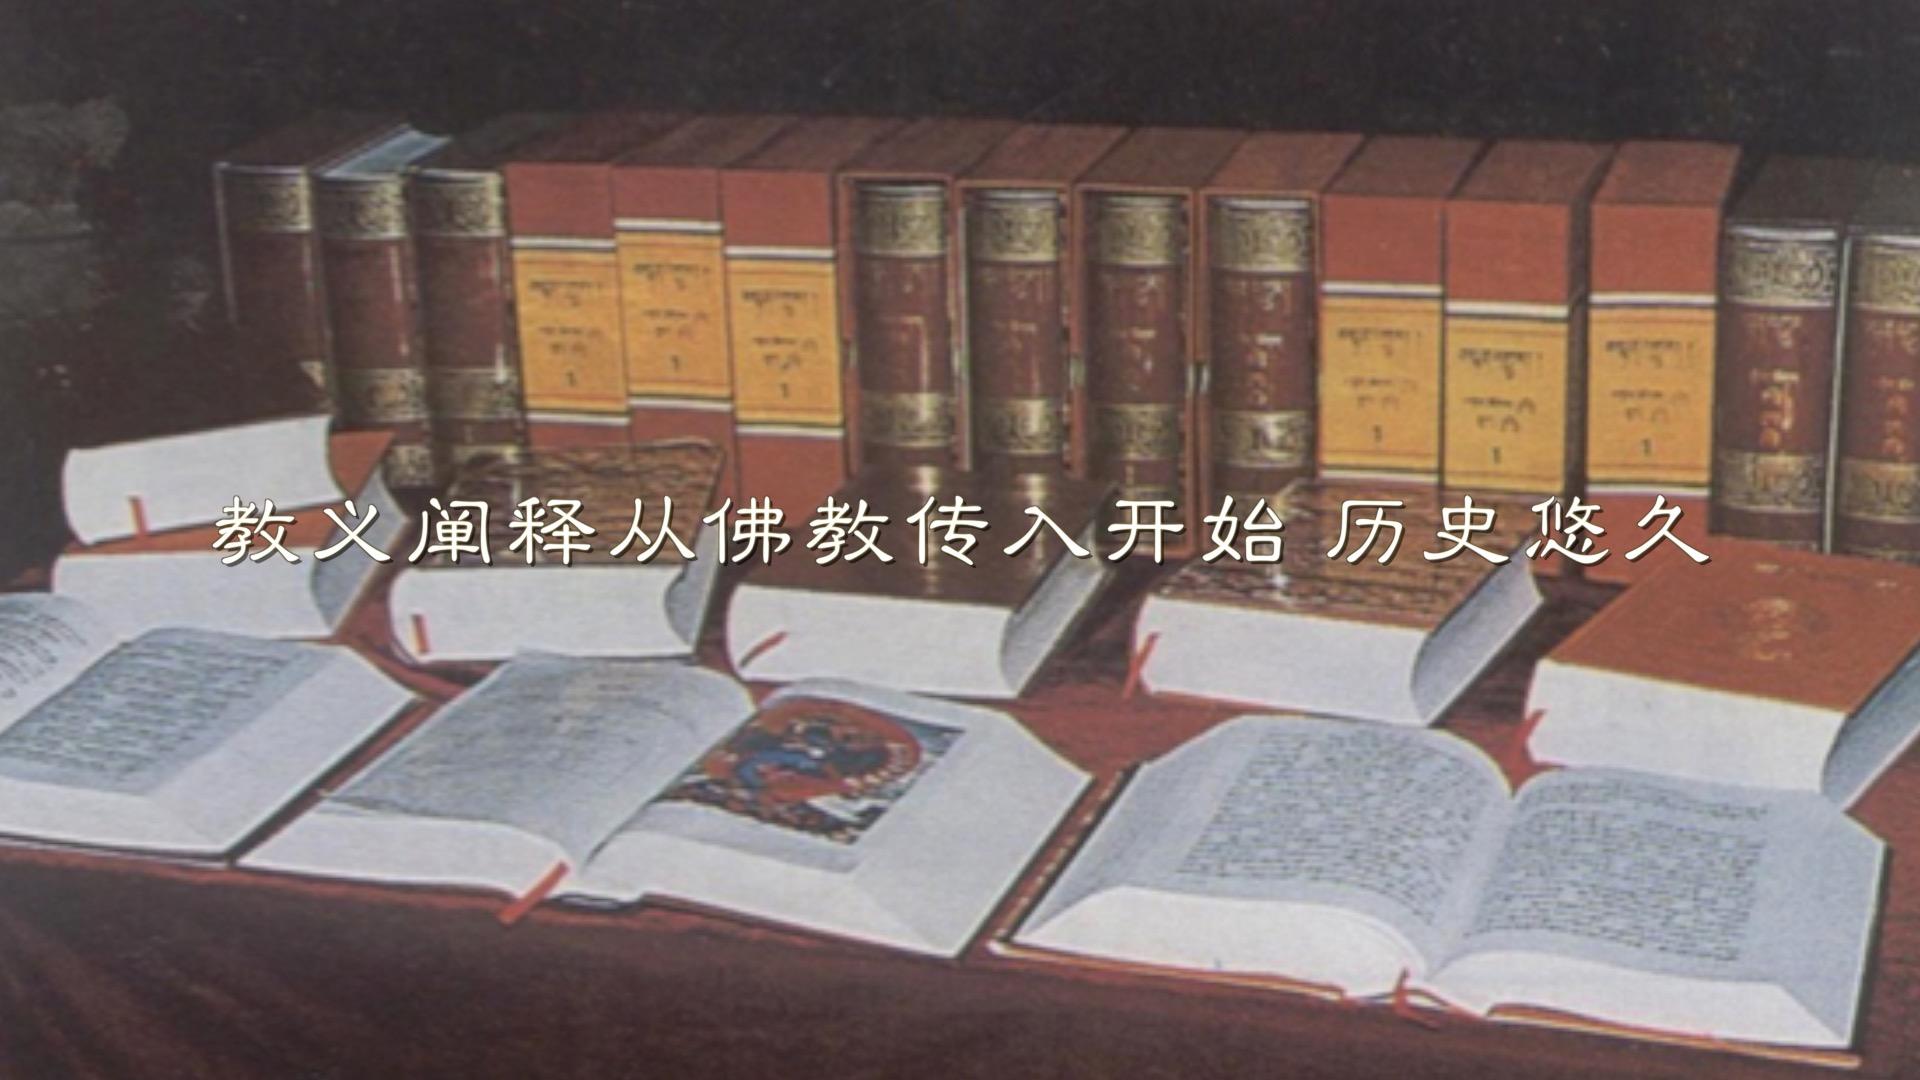 教义阐释从佛教传入开始 历史悠久